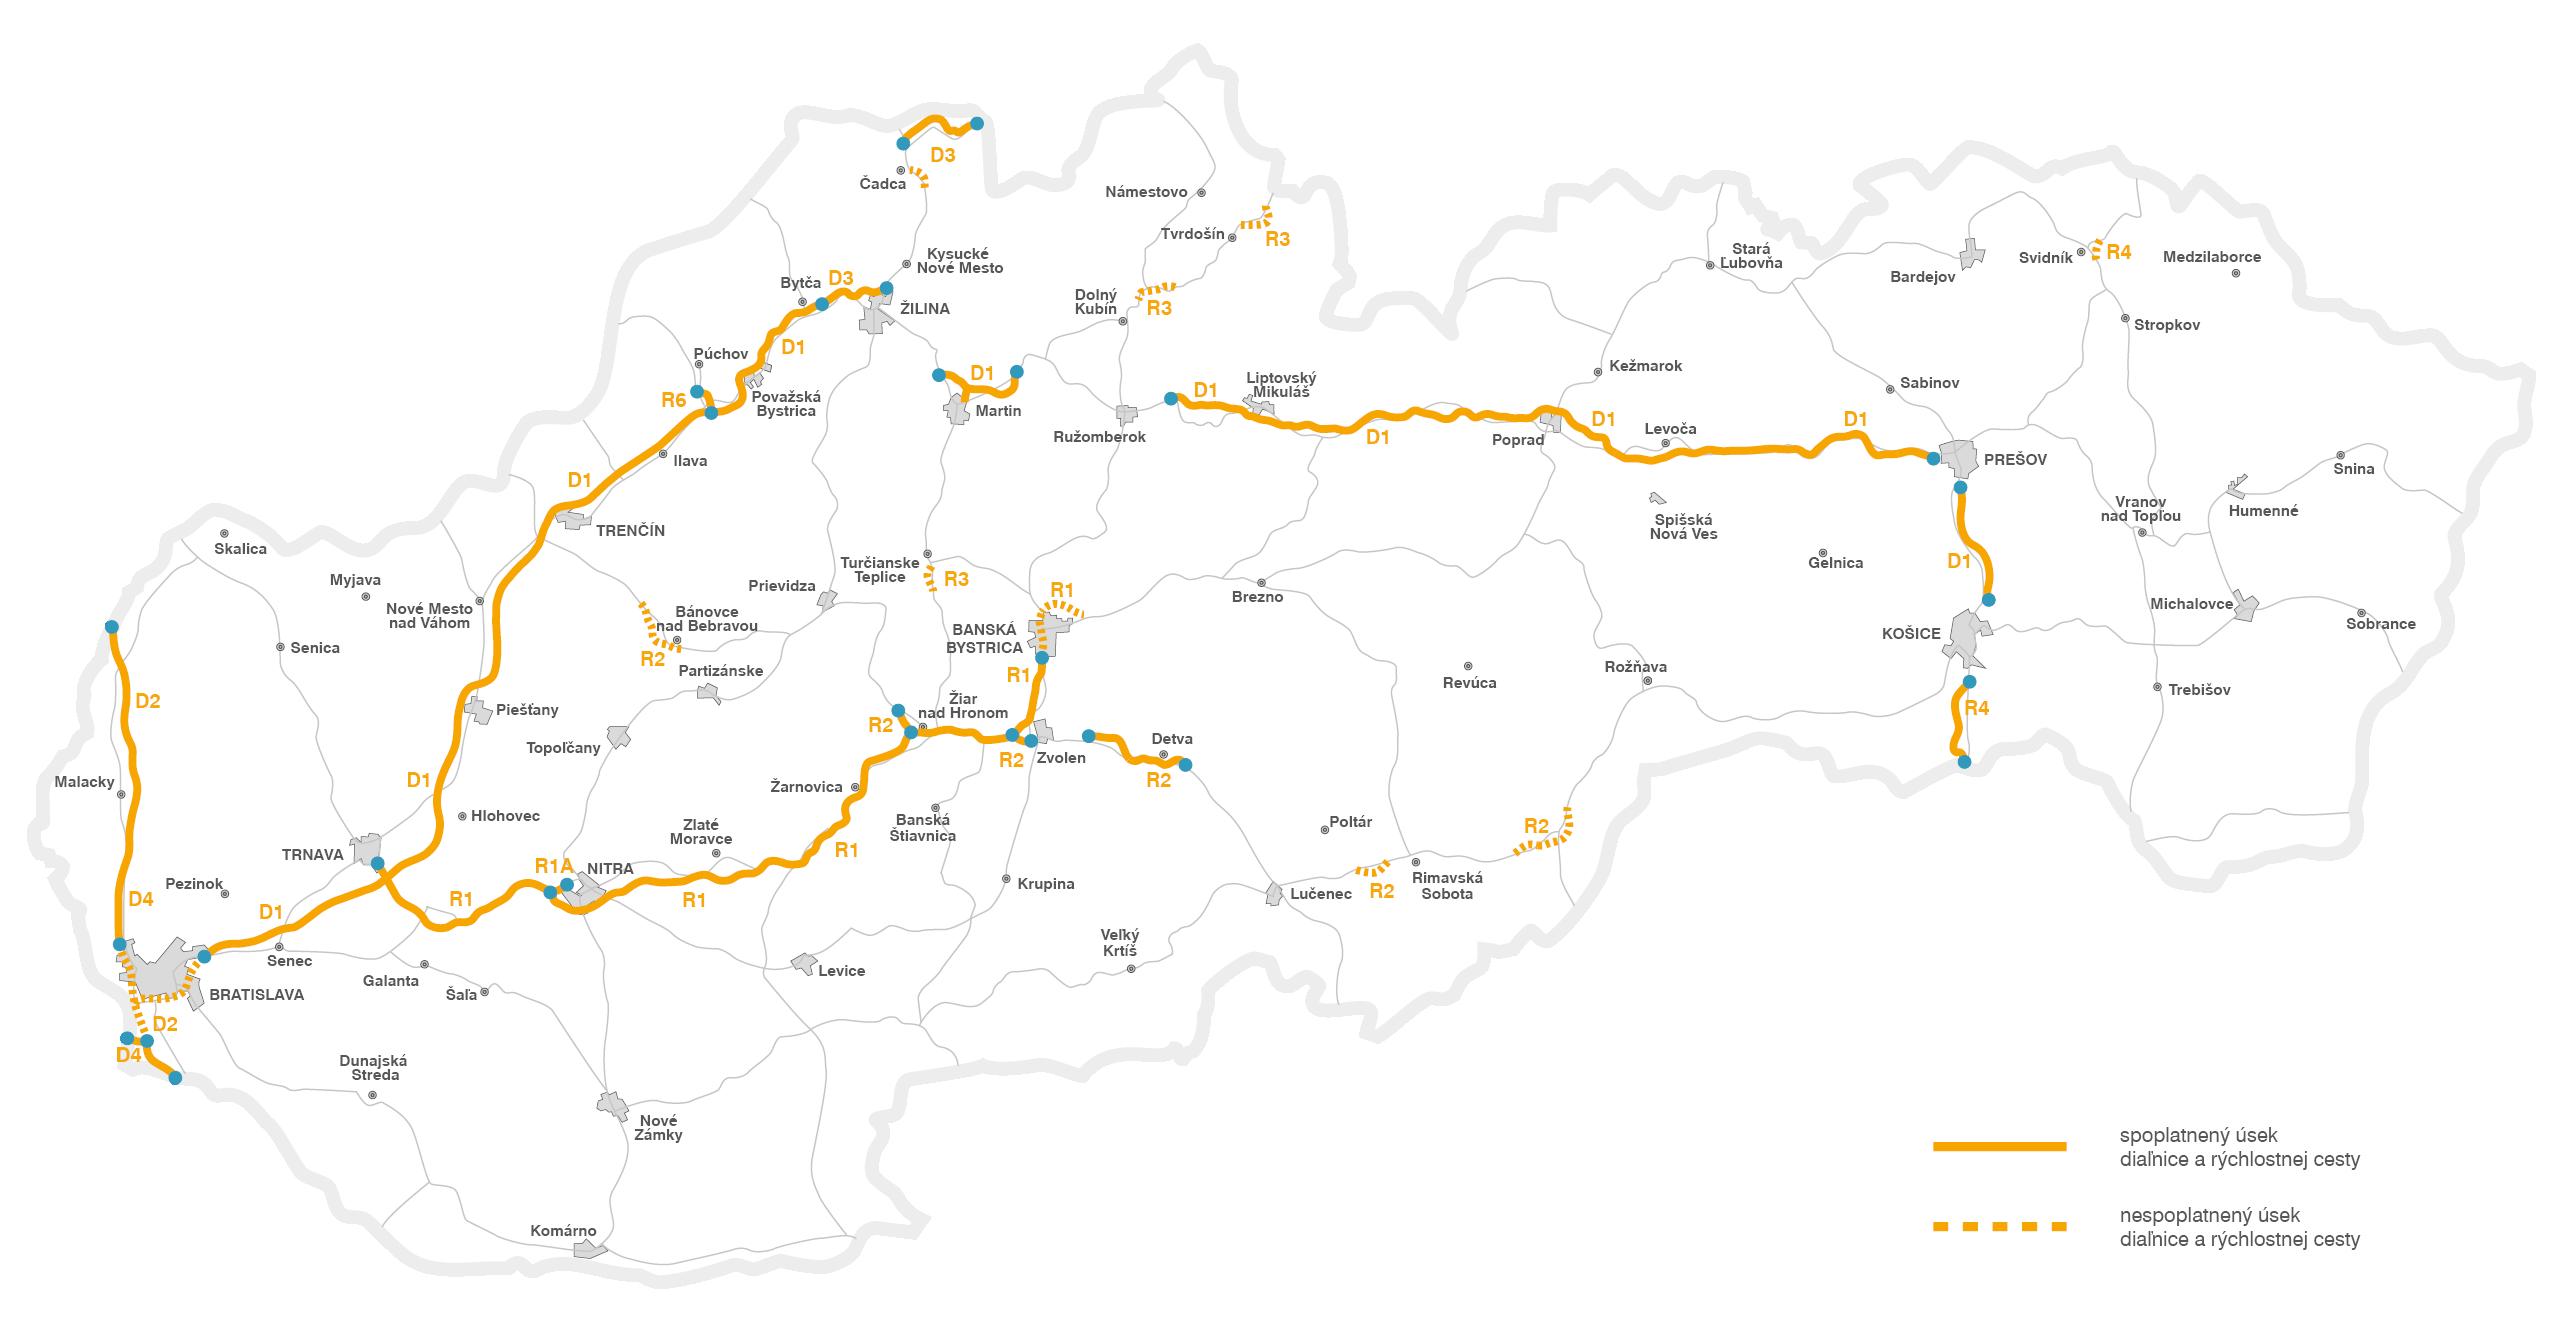 Dálniční známky na Slovensku 2017 - zpoplatněné úseky